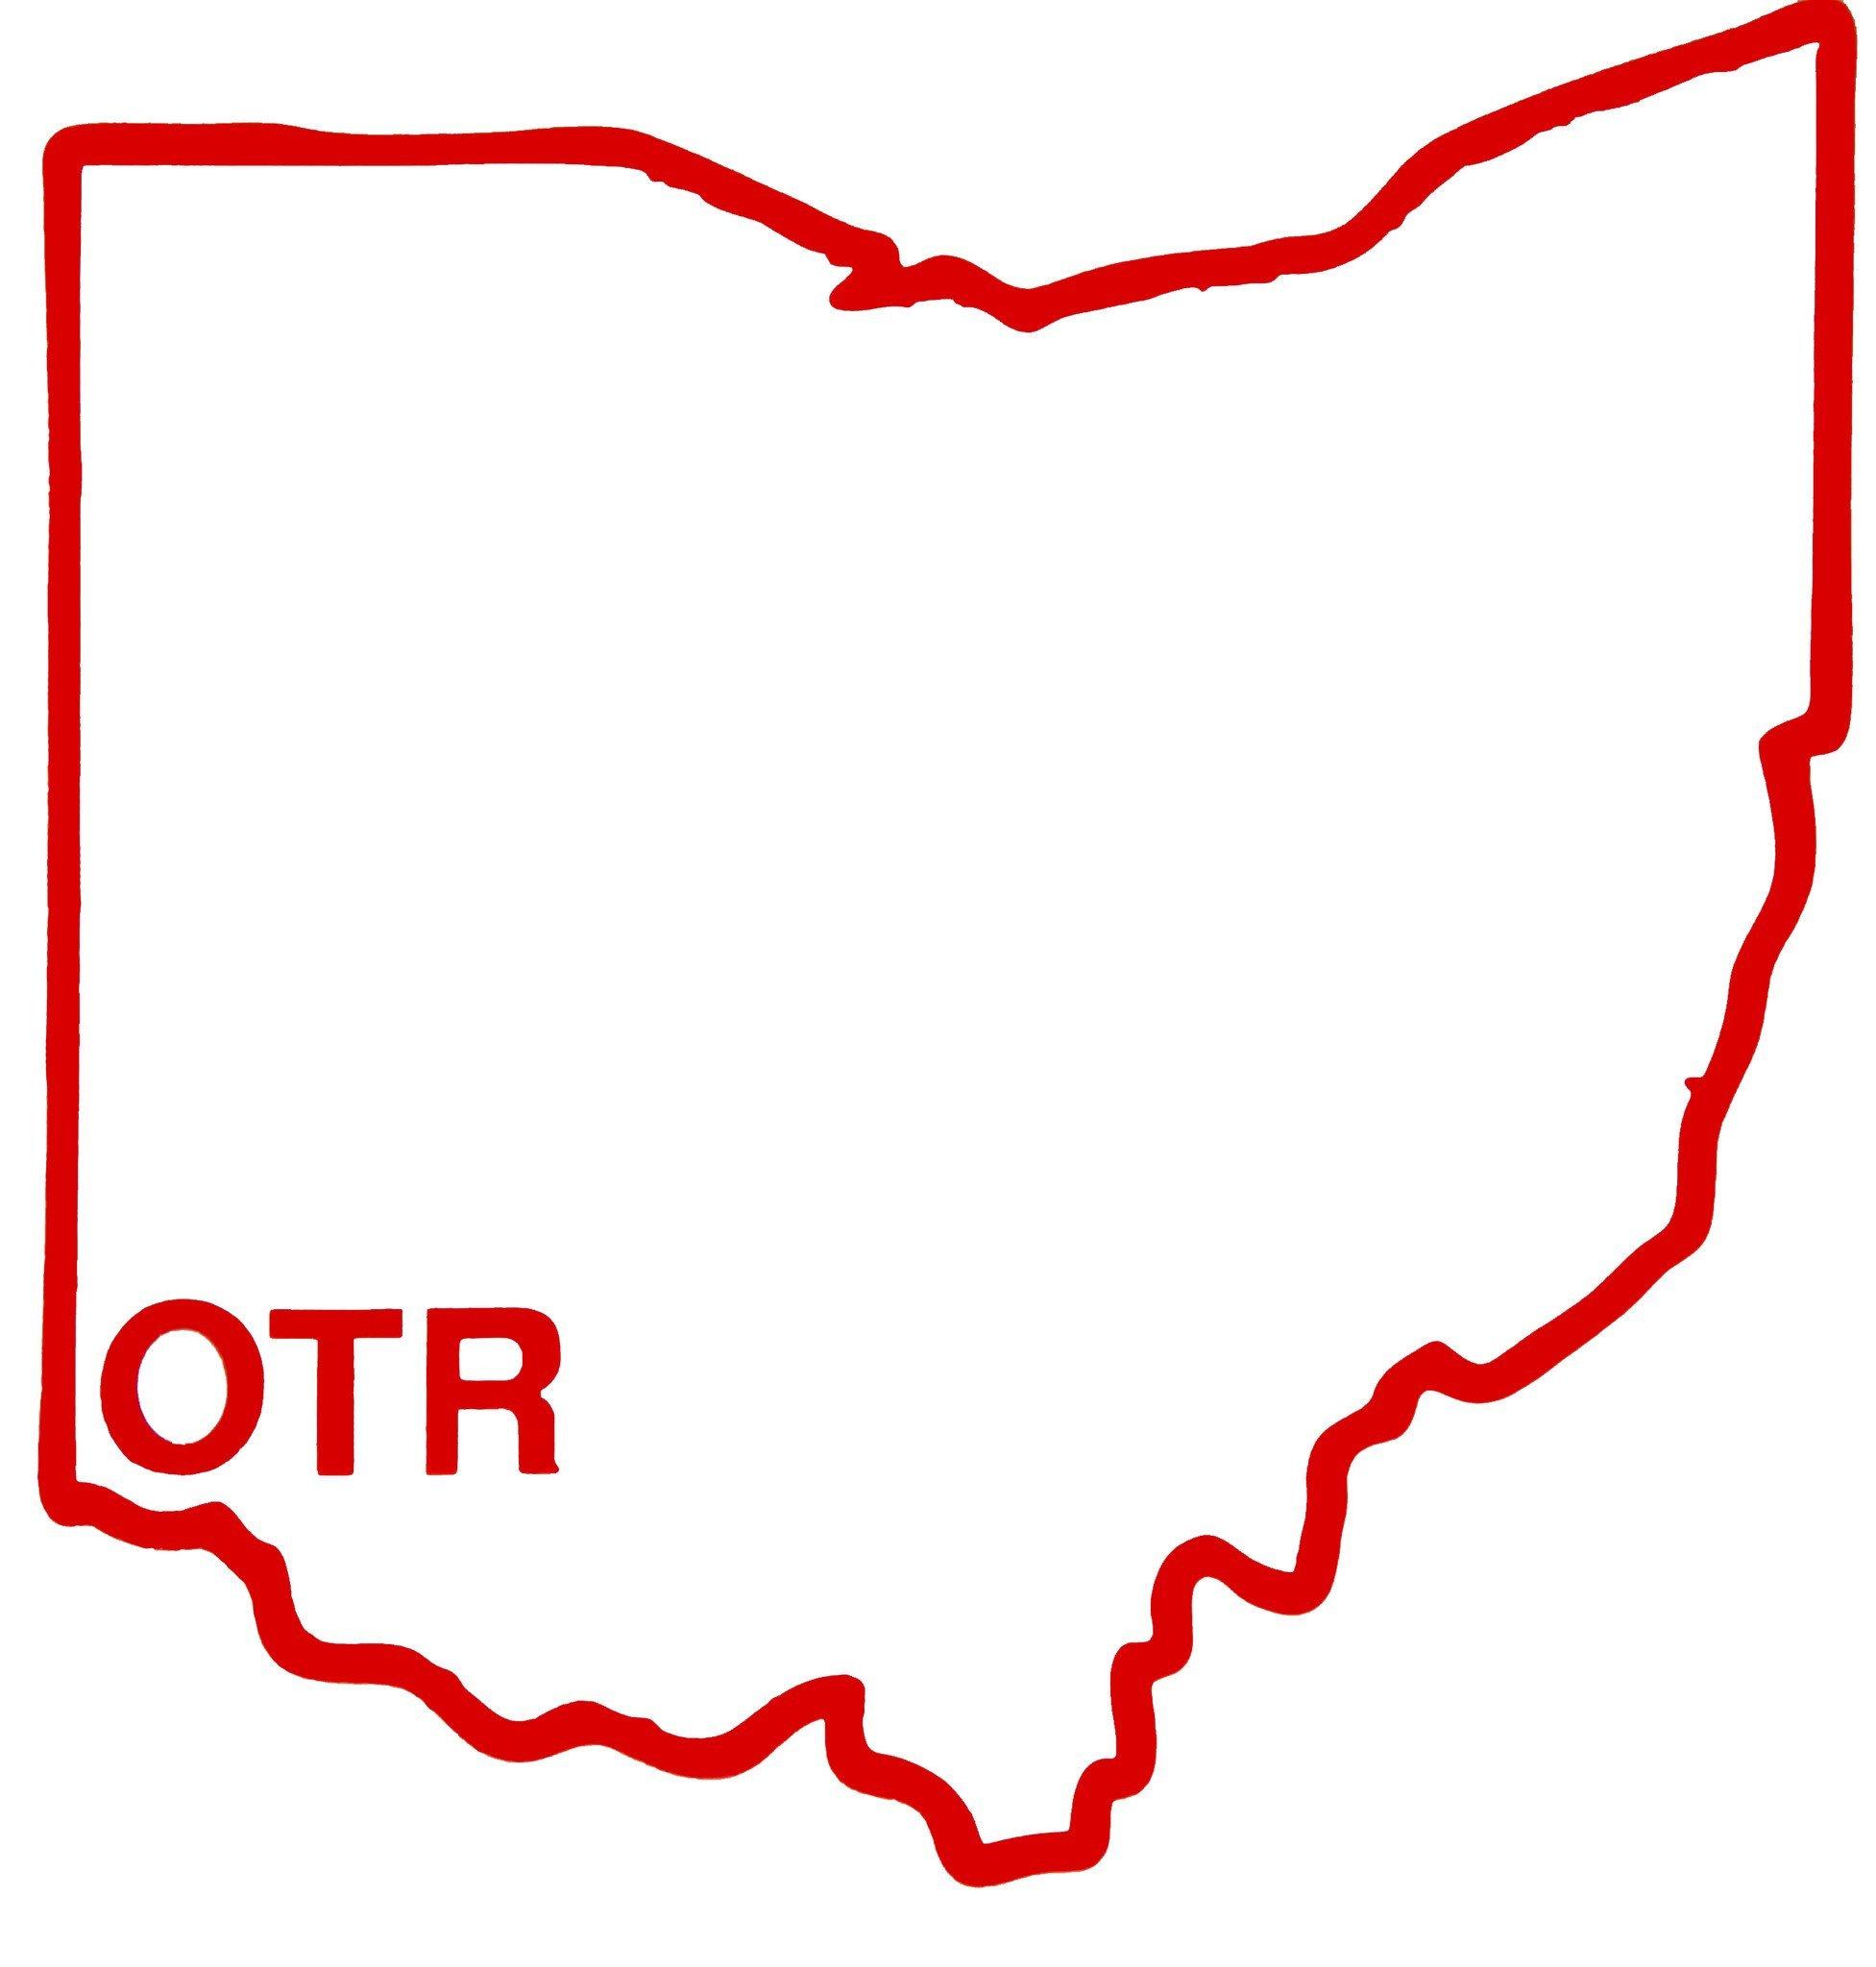 1953x2048 Ohio Sticker Hometown Otr My State Threads